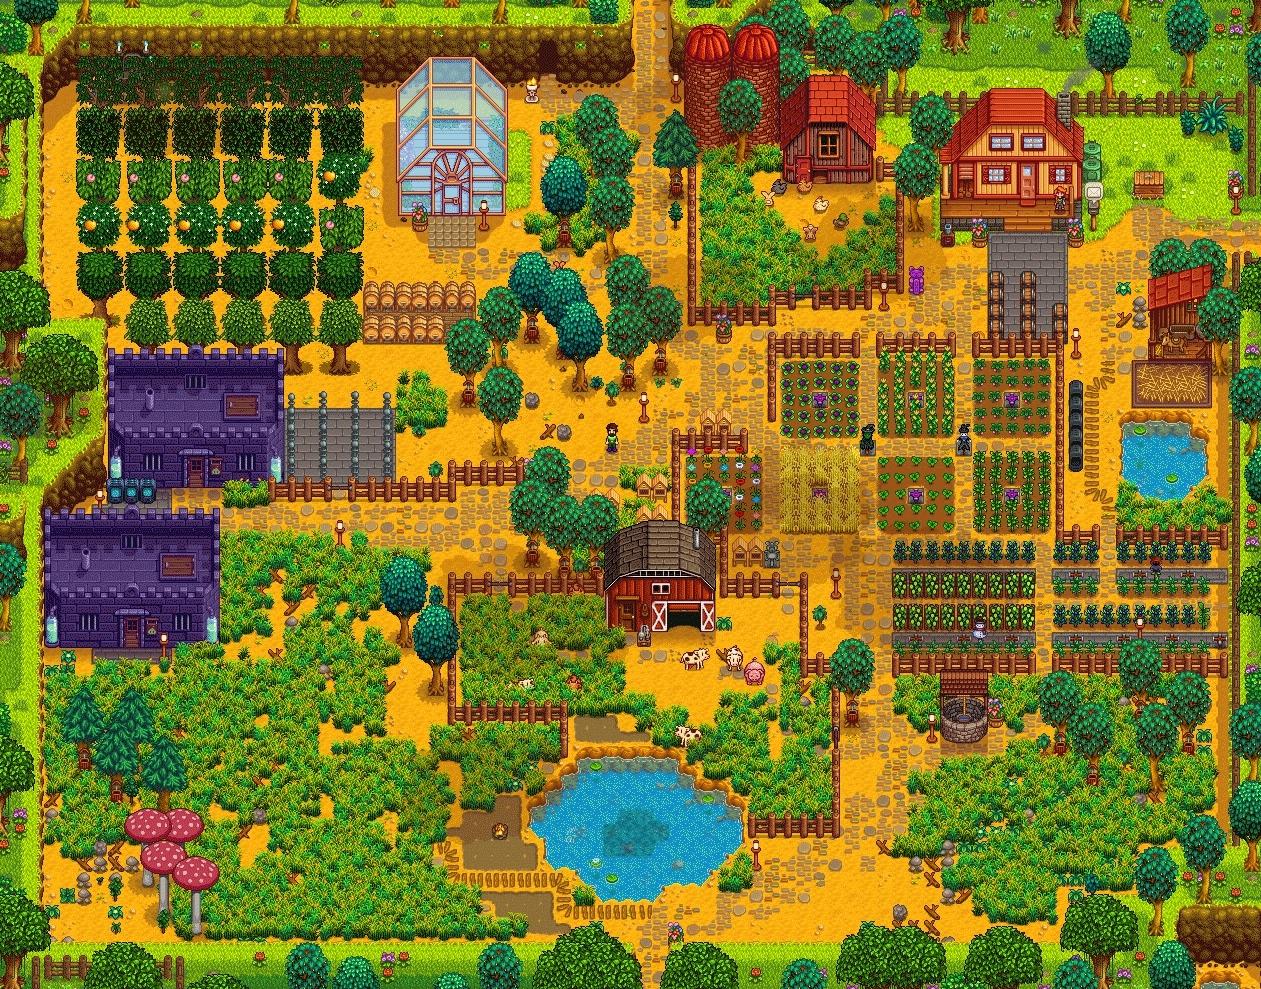 stardewvalley, A day on my farm GIFs